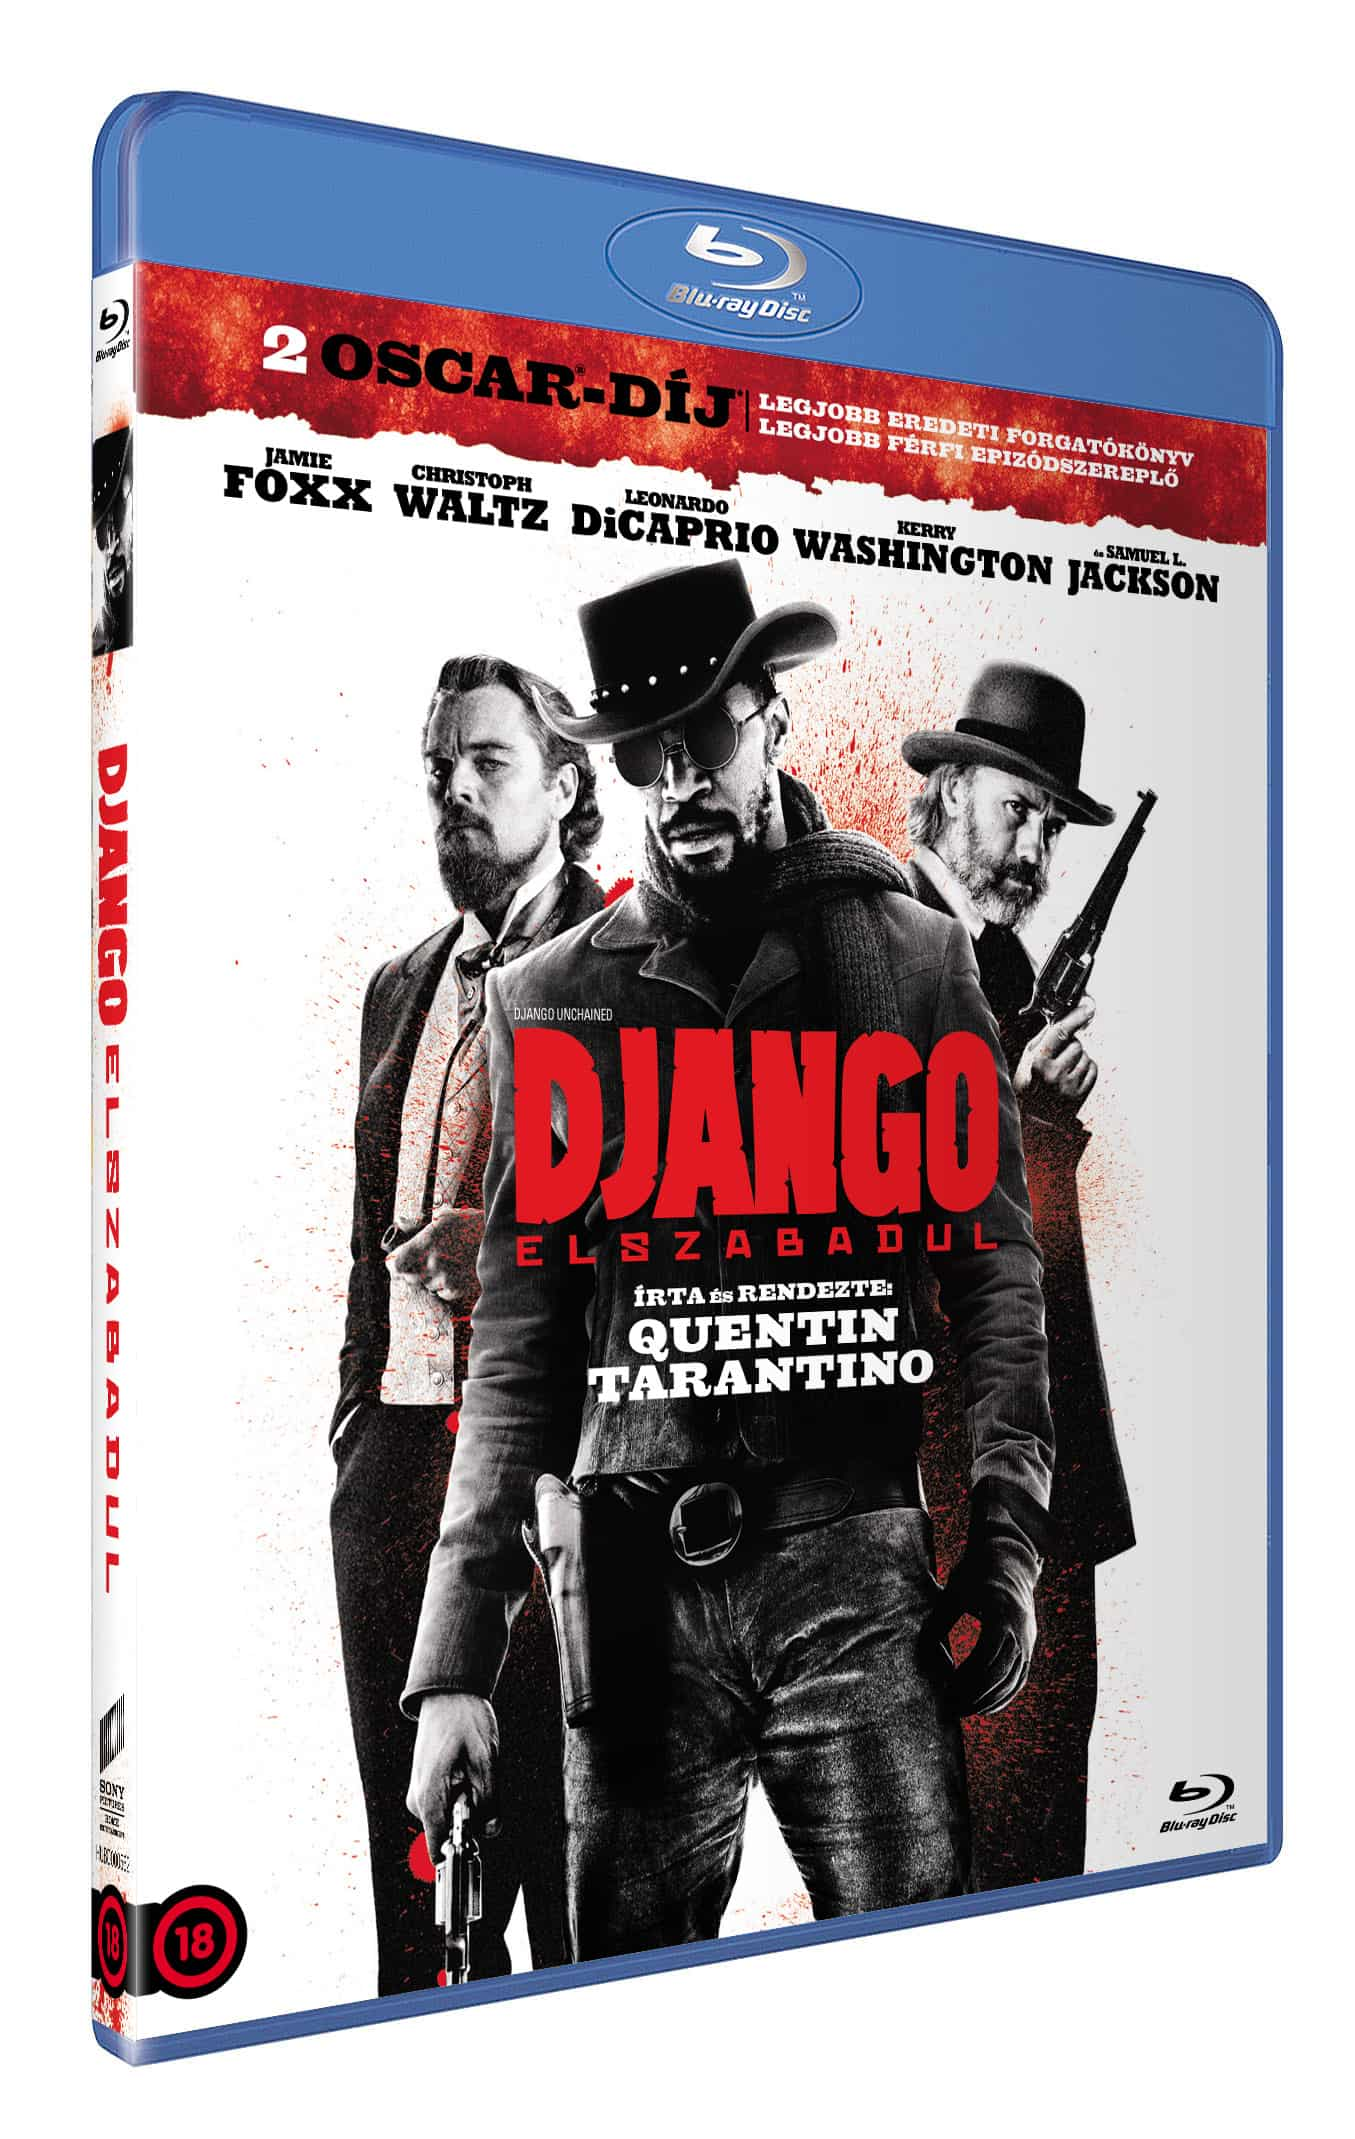 Django elszabadul - Blu-ray